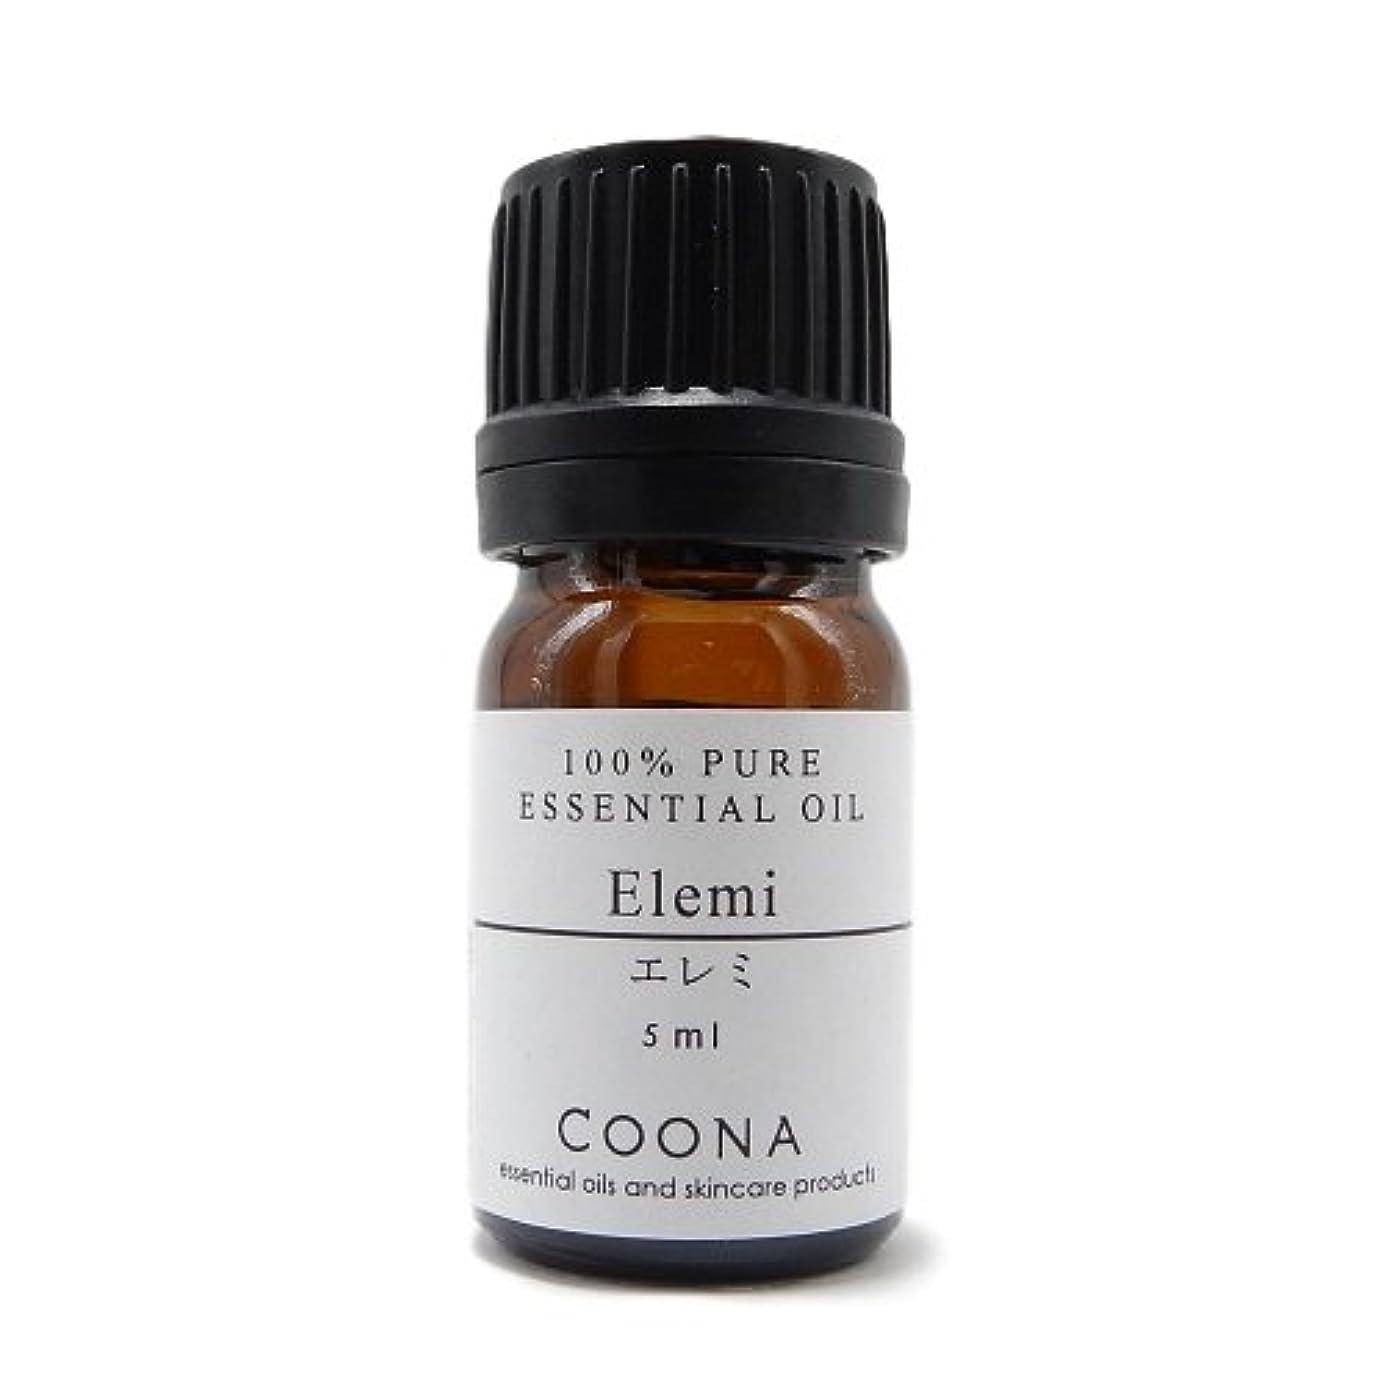 くつろぎ空虚新着エレミ 5 ml (COONA エッセンシャルオイル アロマオイル 100%天然植物精油)